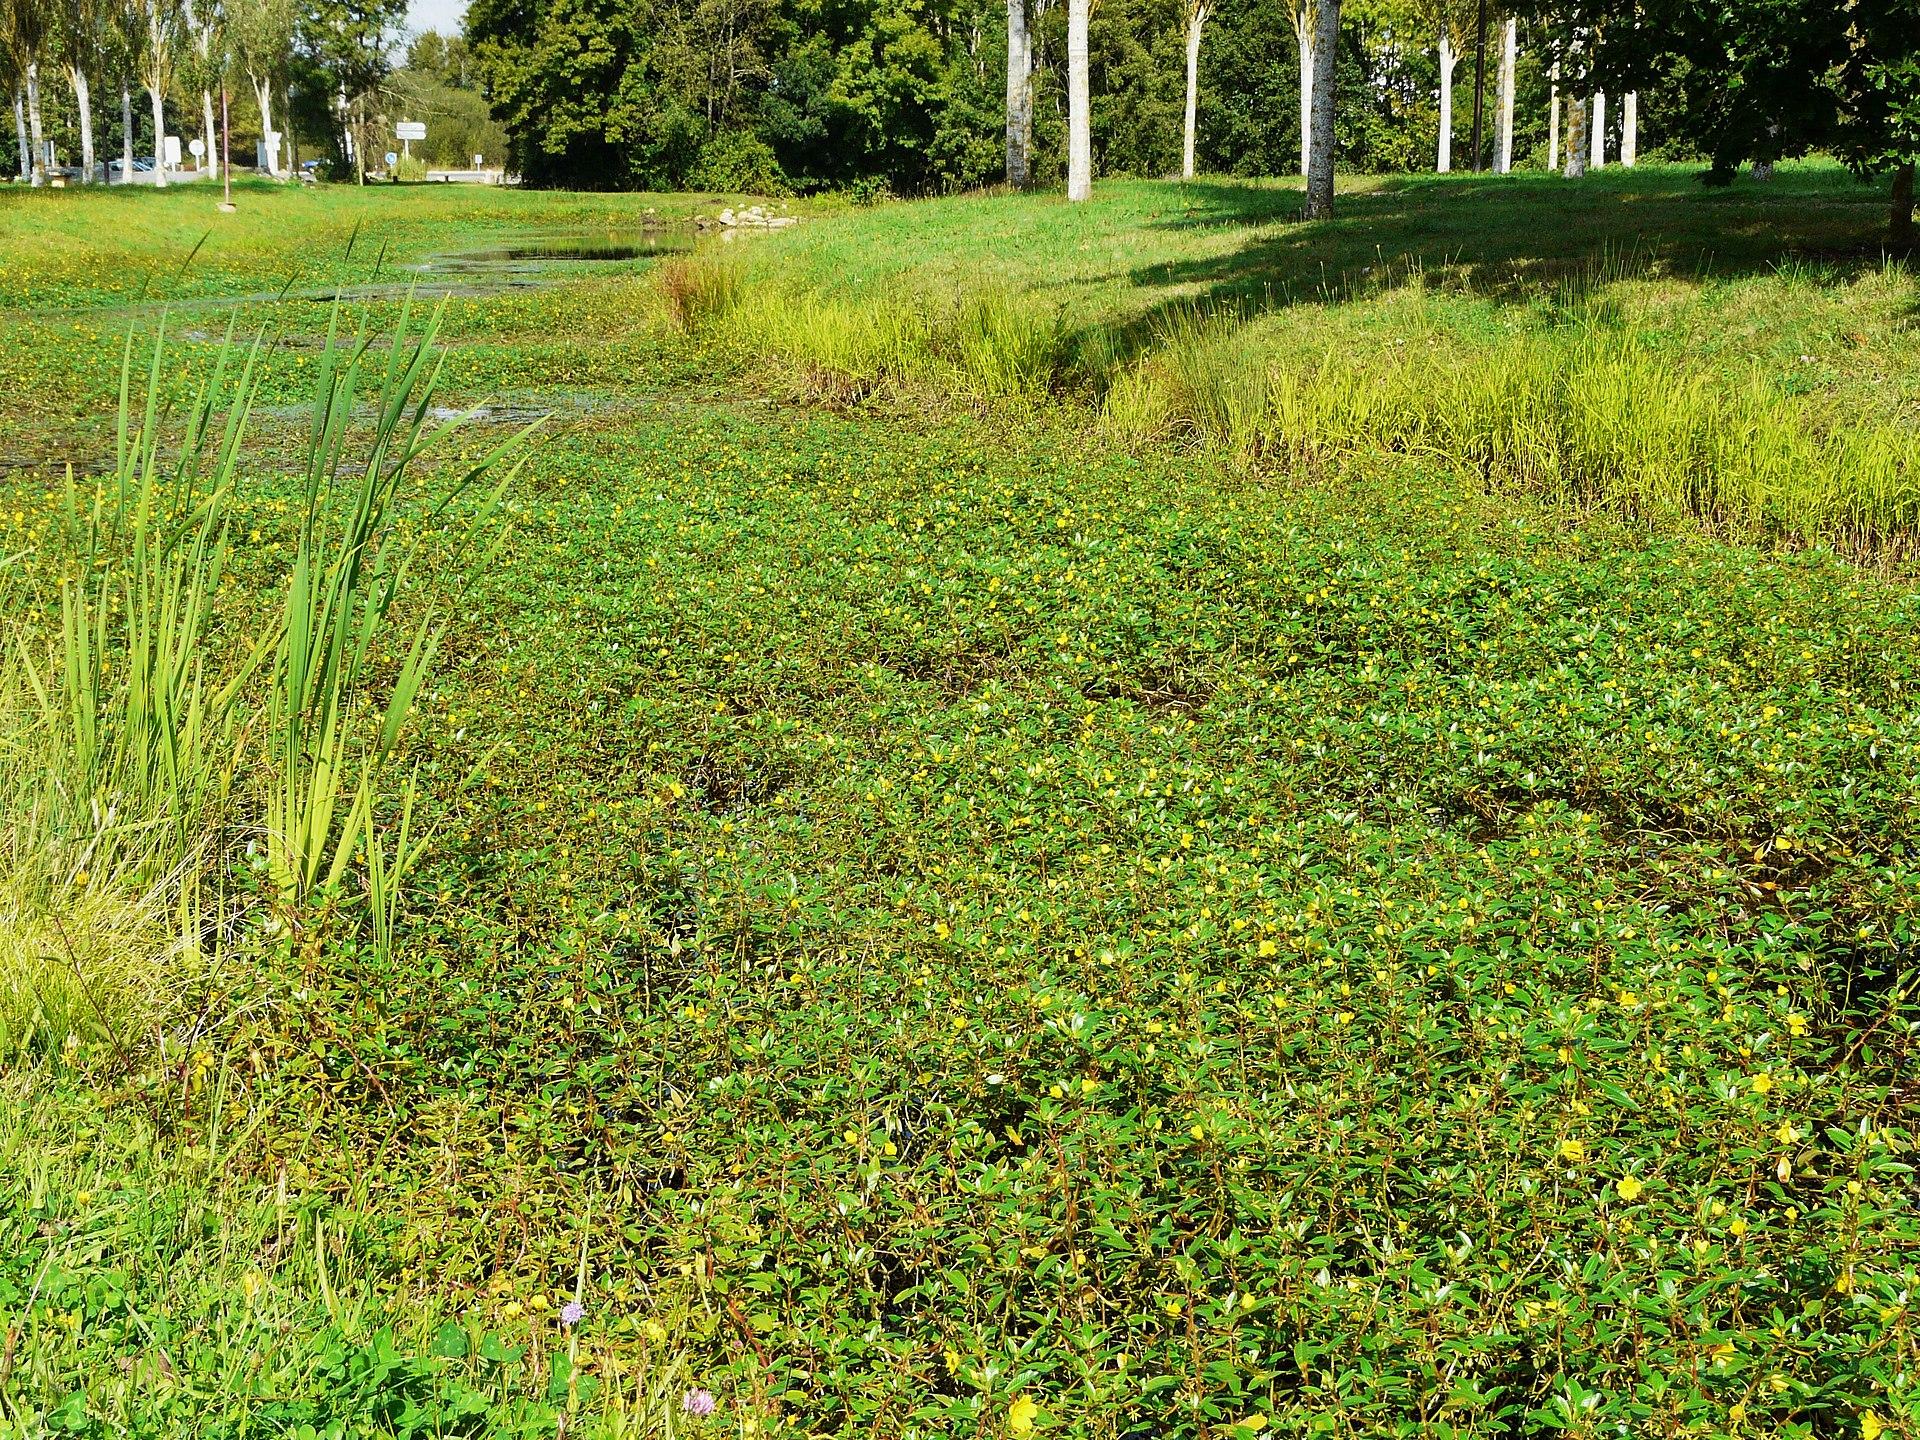 Liste des plantes invasives de bretagne wikip dia for Liste plantes